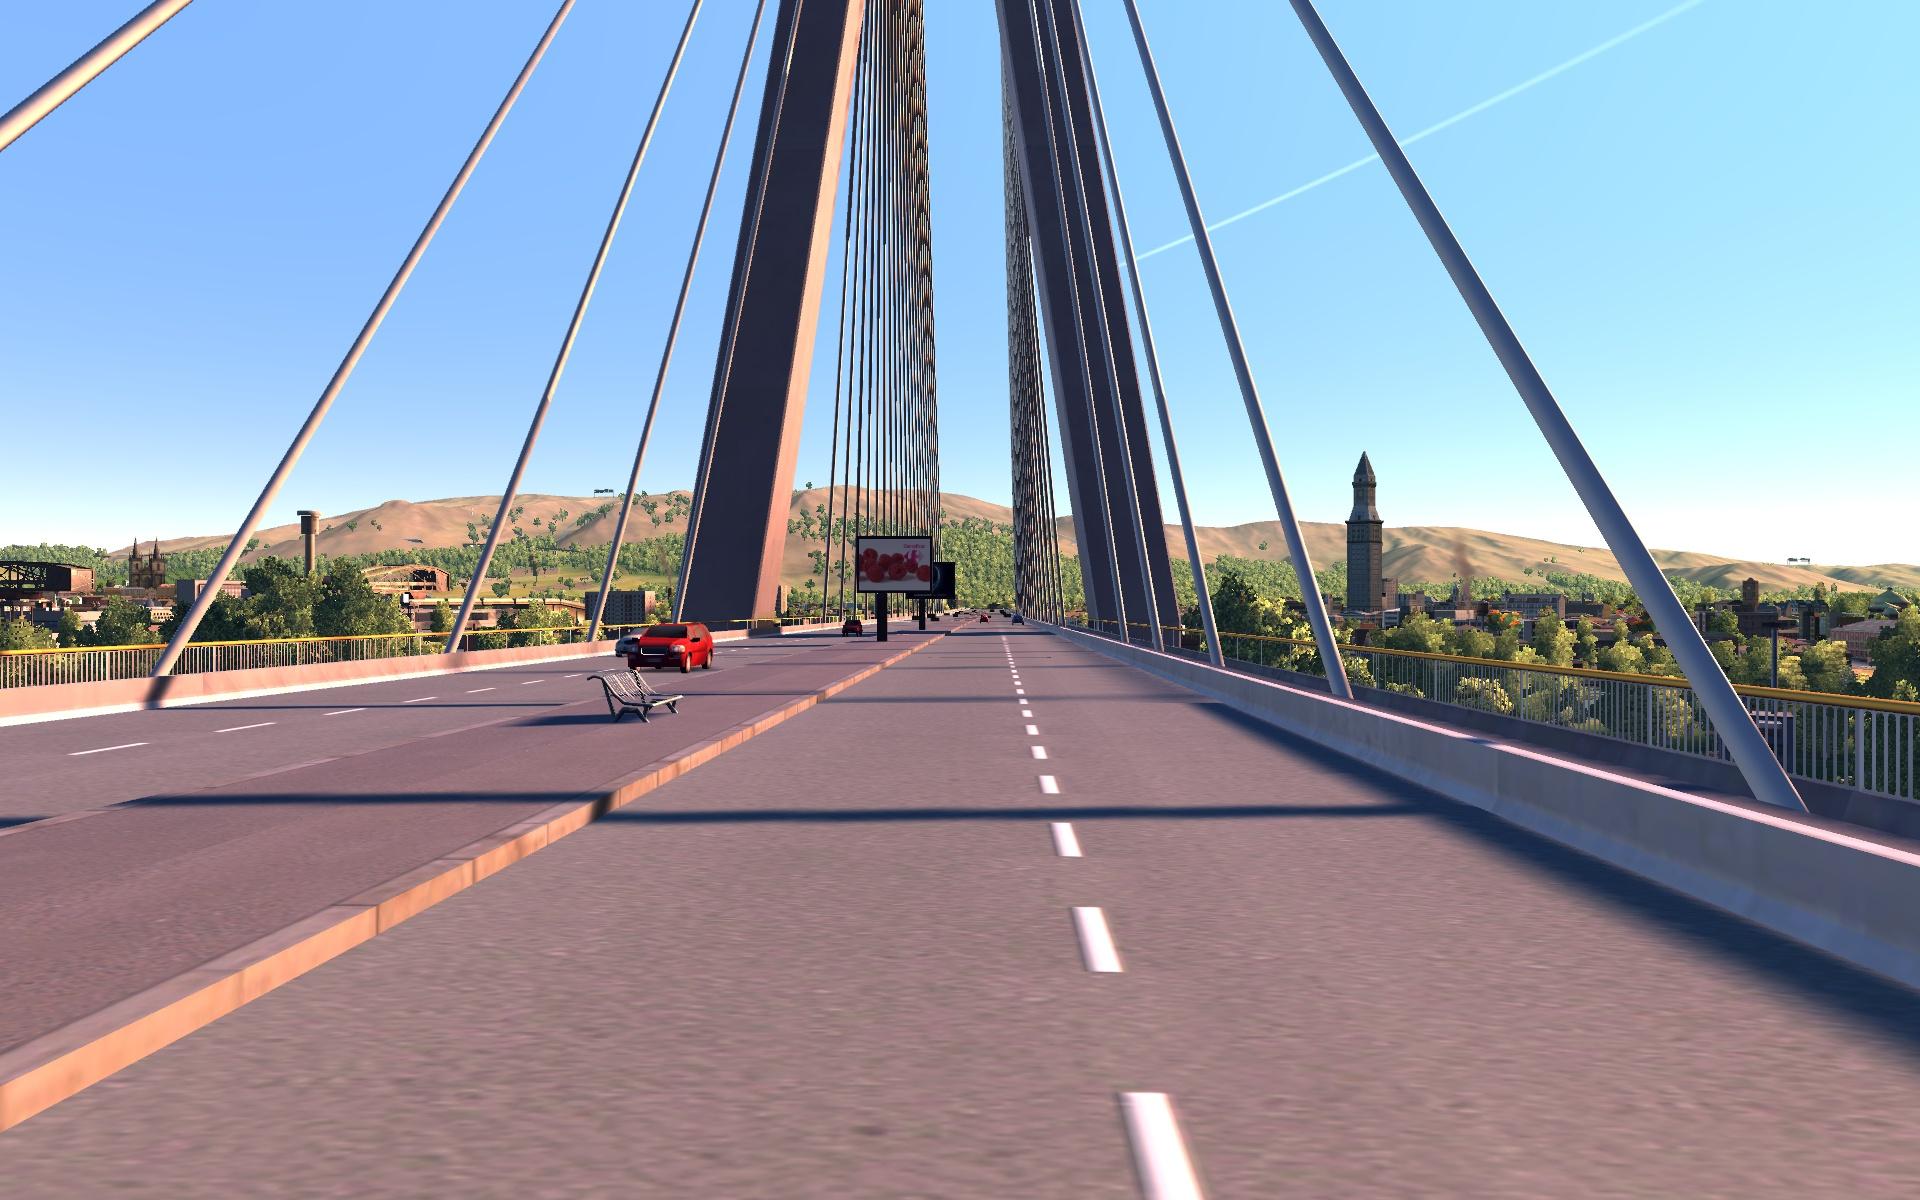 cxl_screenshot_siorez_248.jpg